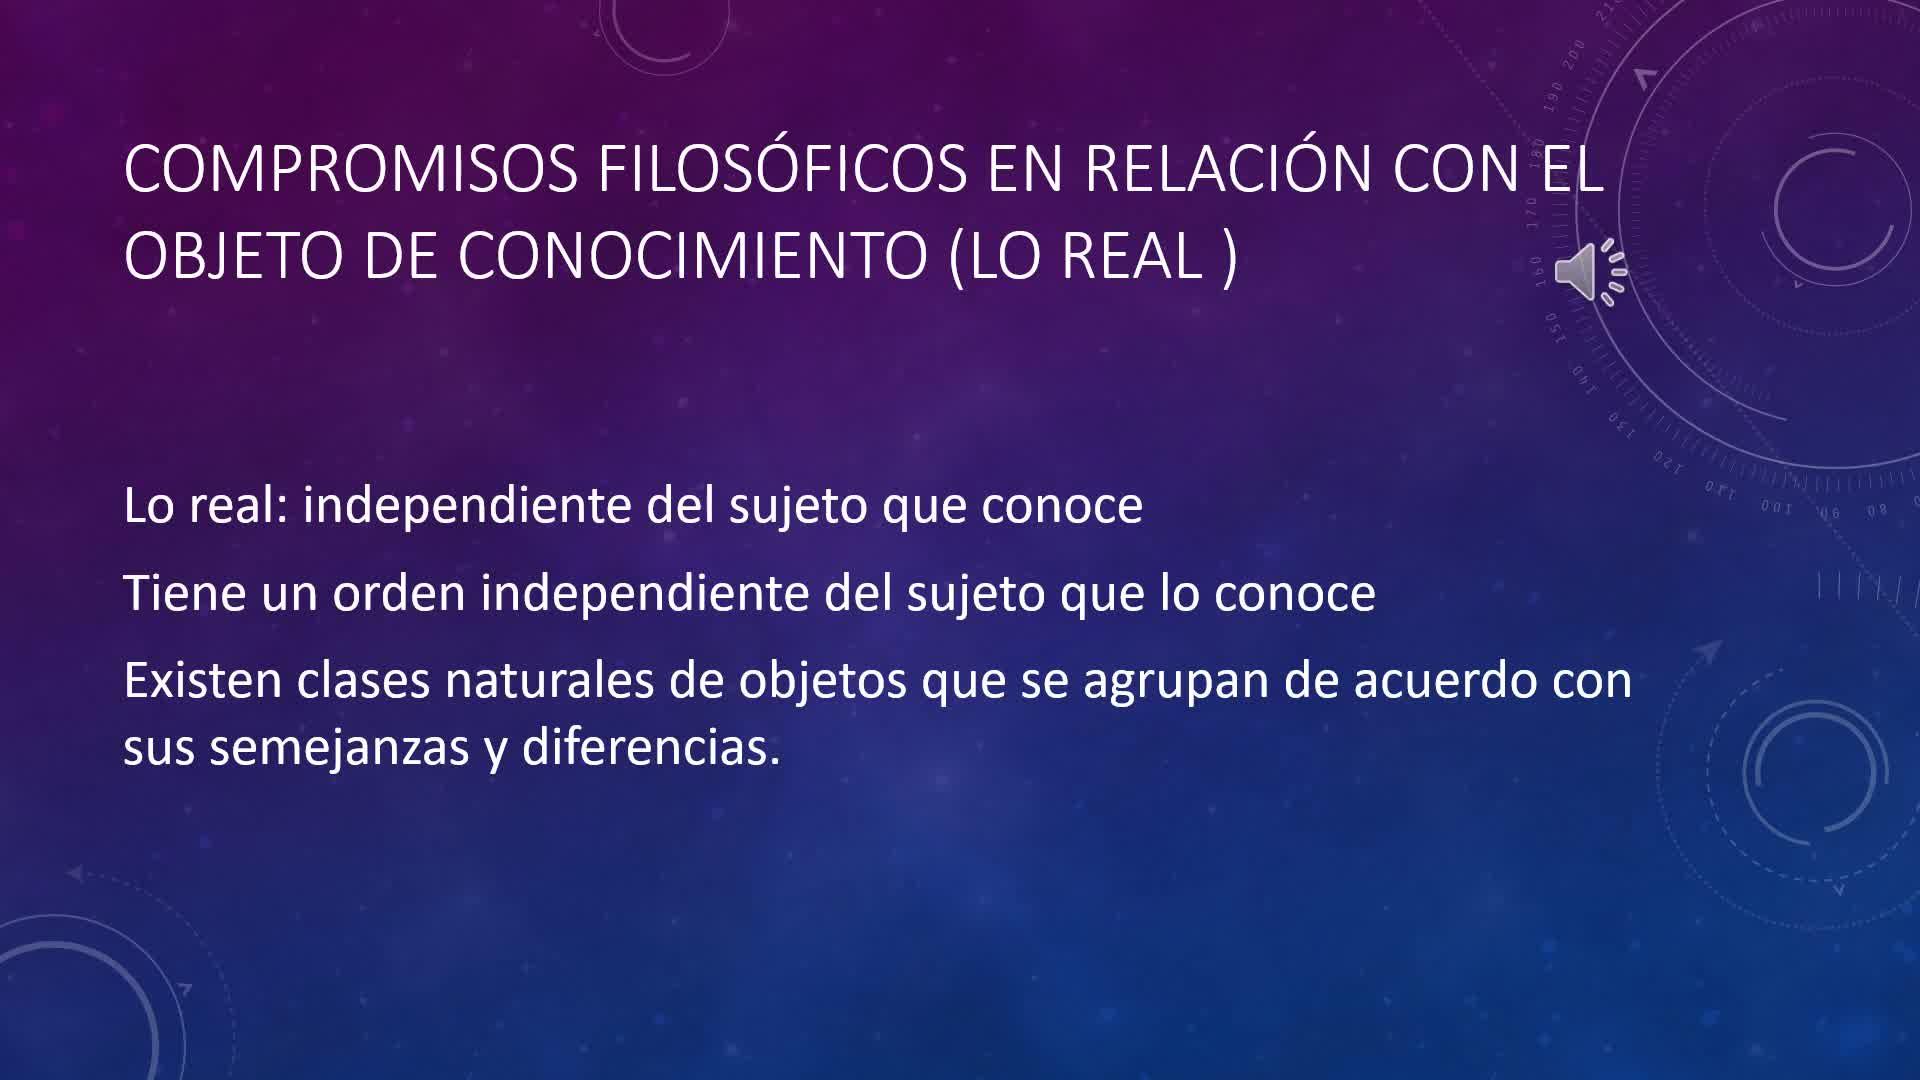 COMPROMISOS FILOSÓFICOS DEL REPRESENTACIONISMO